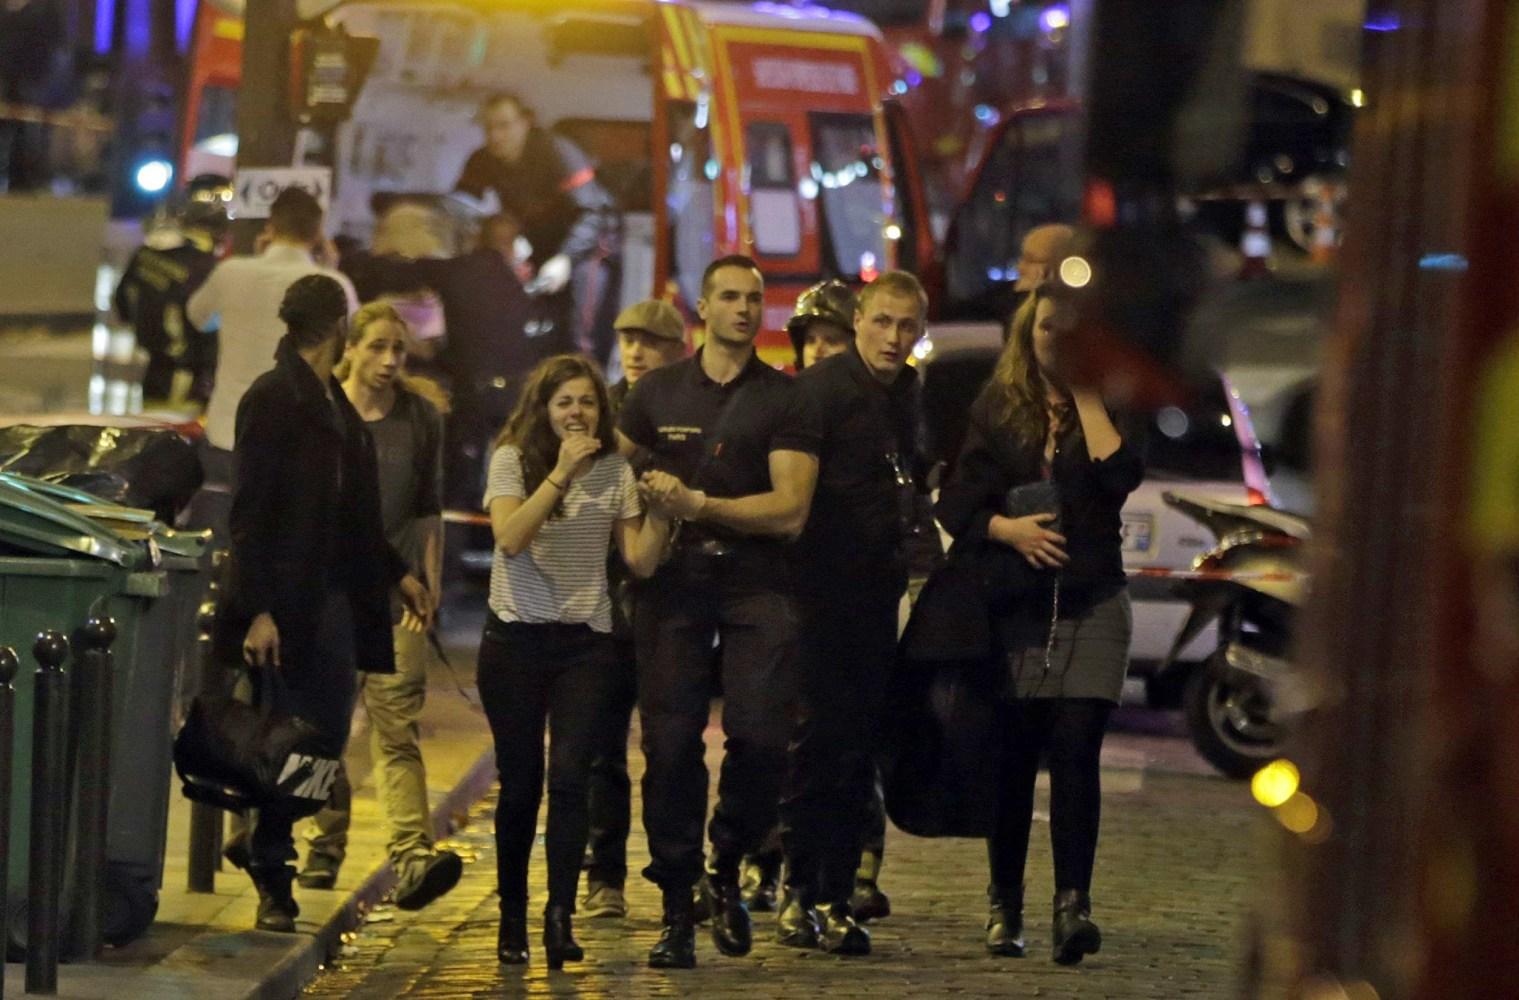 Multiple Paris Terror Attacks Leave at Least 120 Dead - NBC News